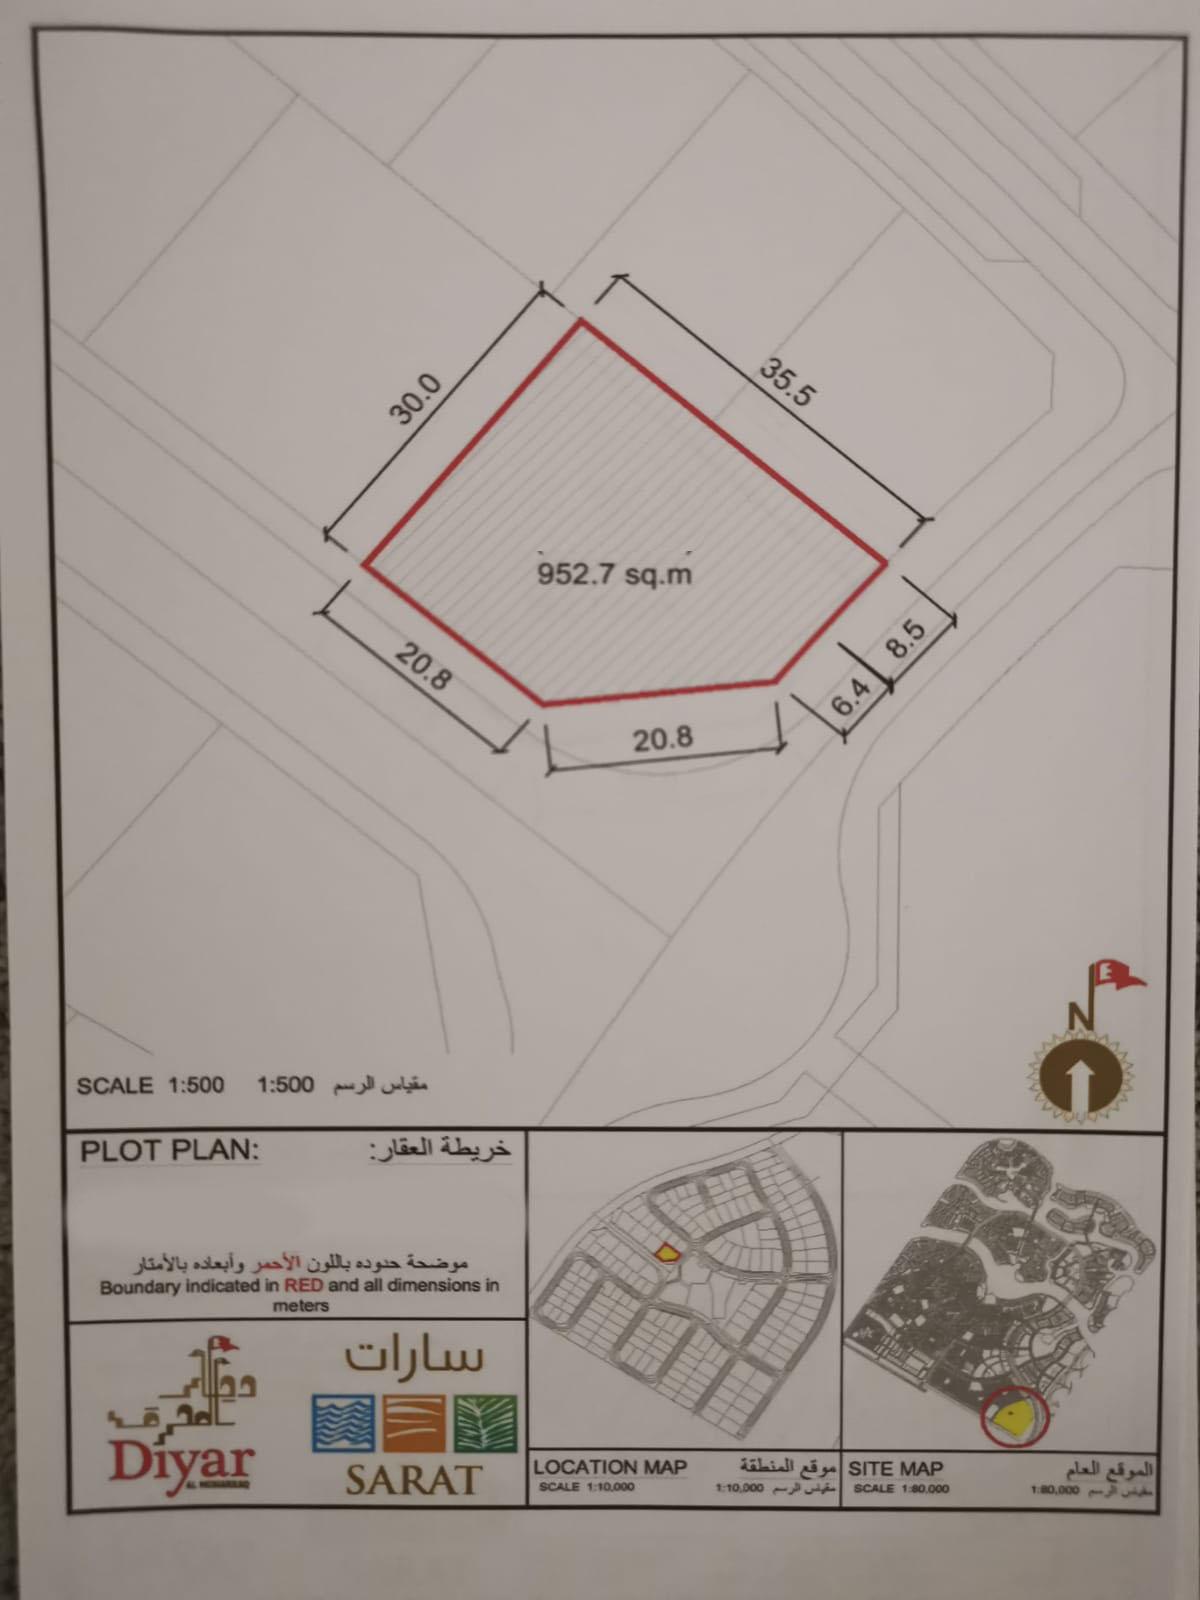 For sale residential land in Diyar Al Muharraq. Ref: DIY-MH-026